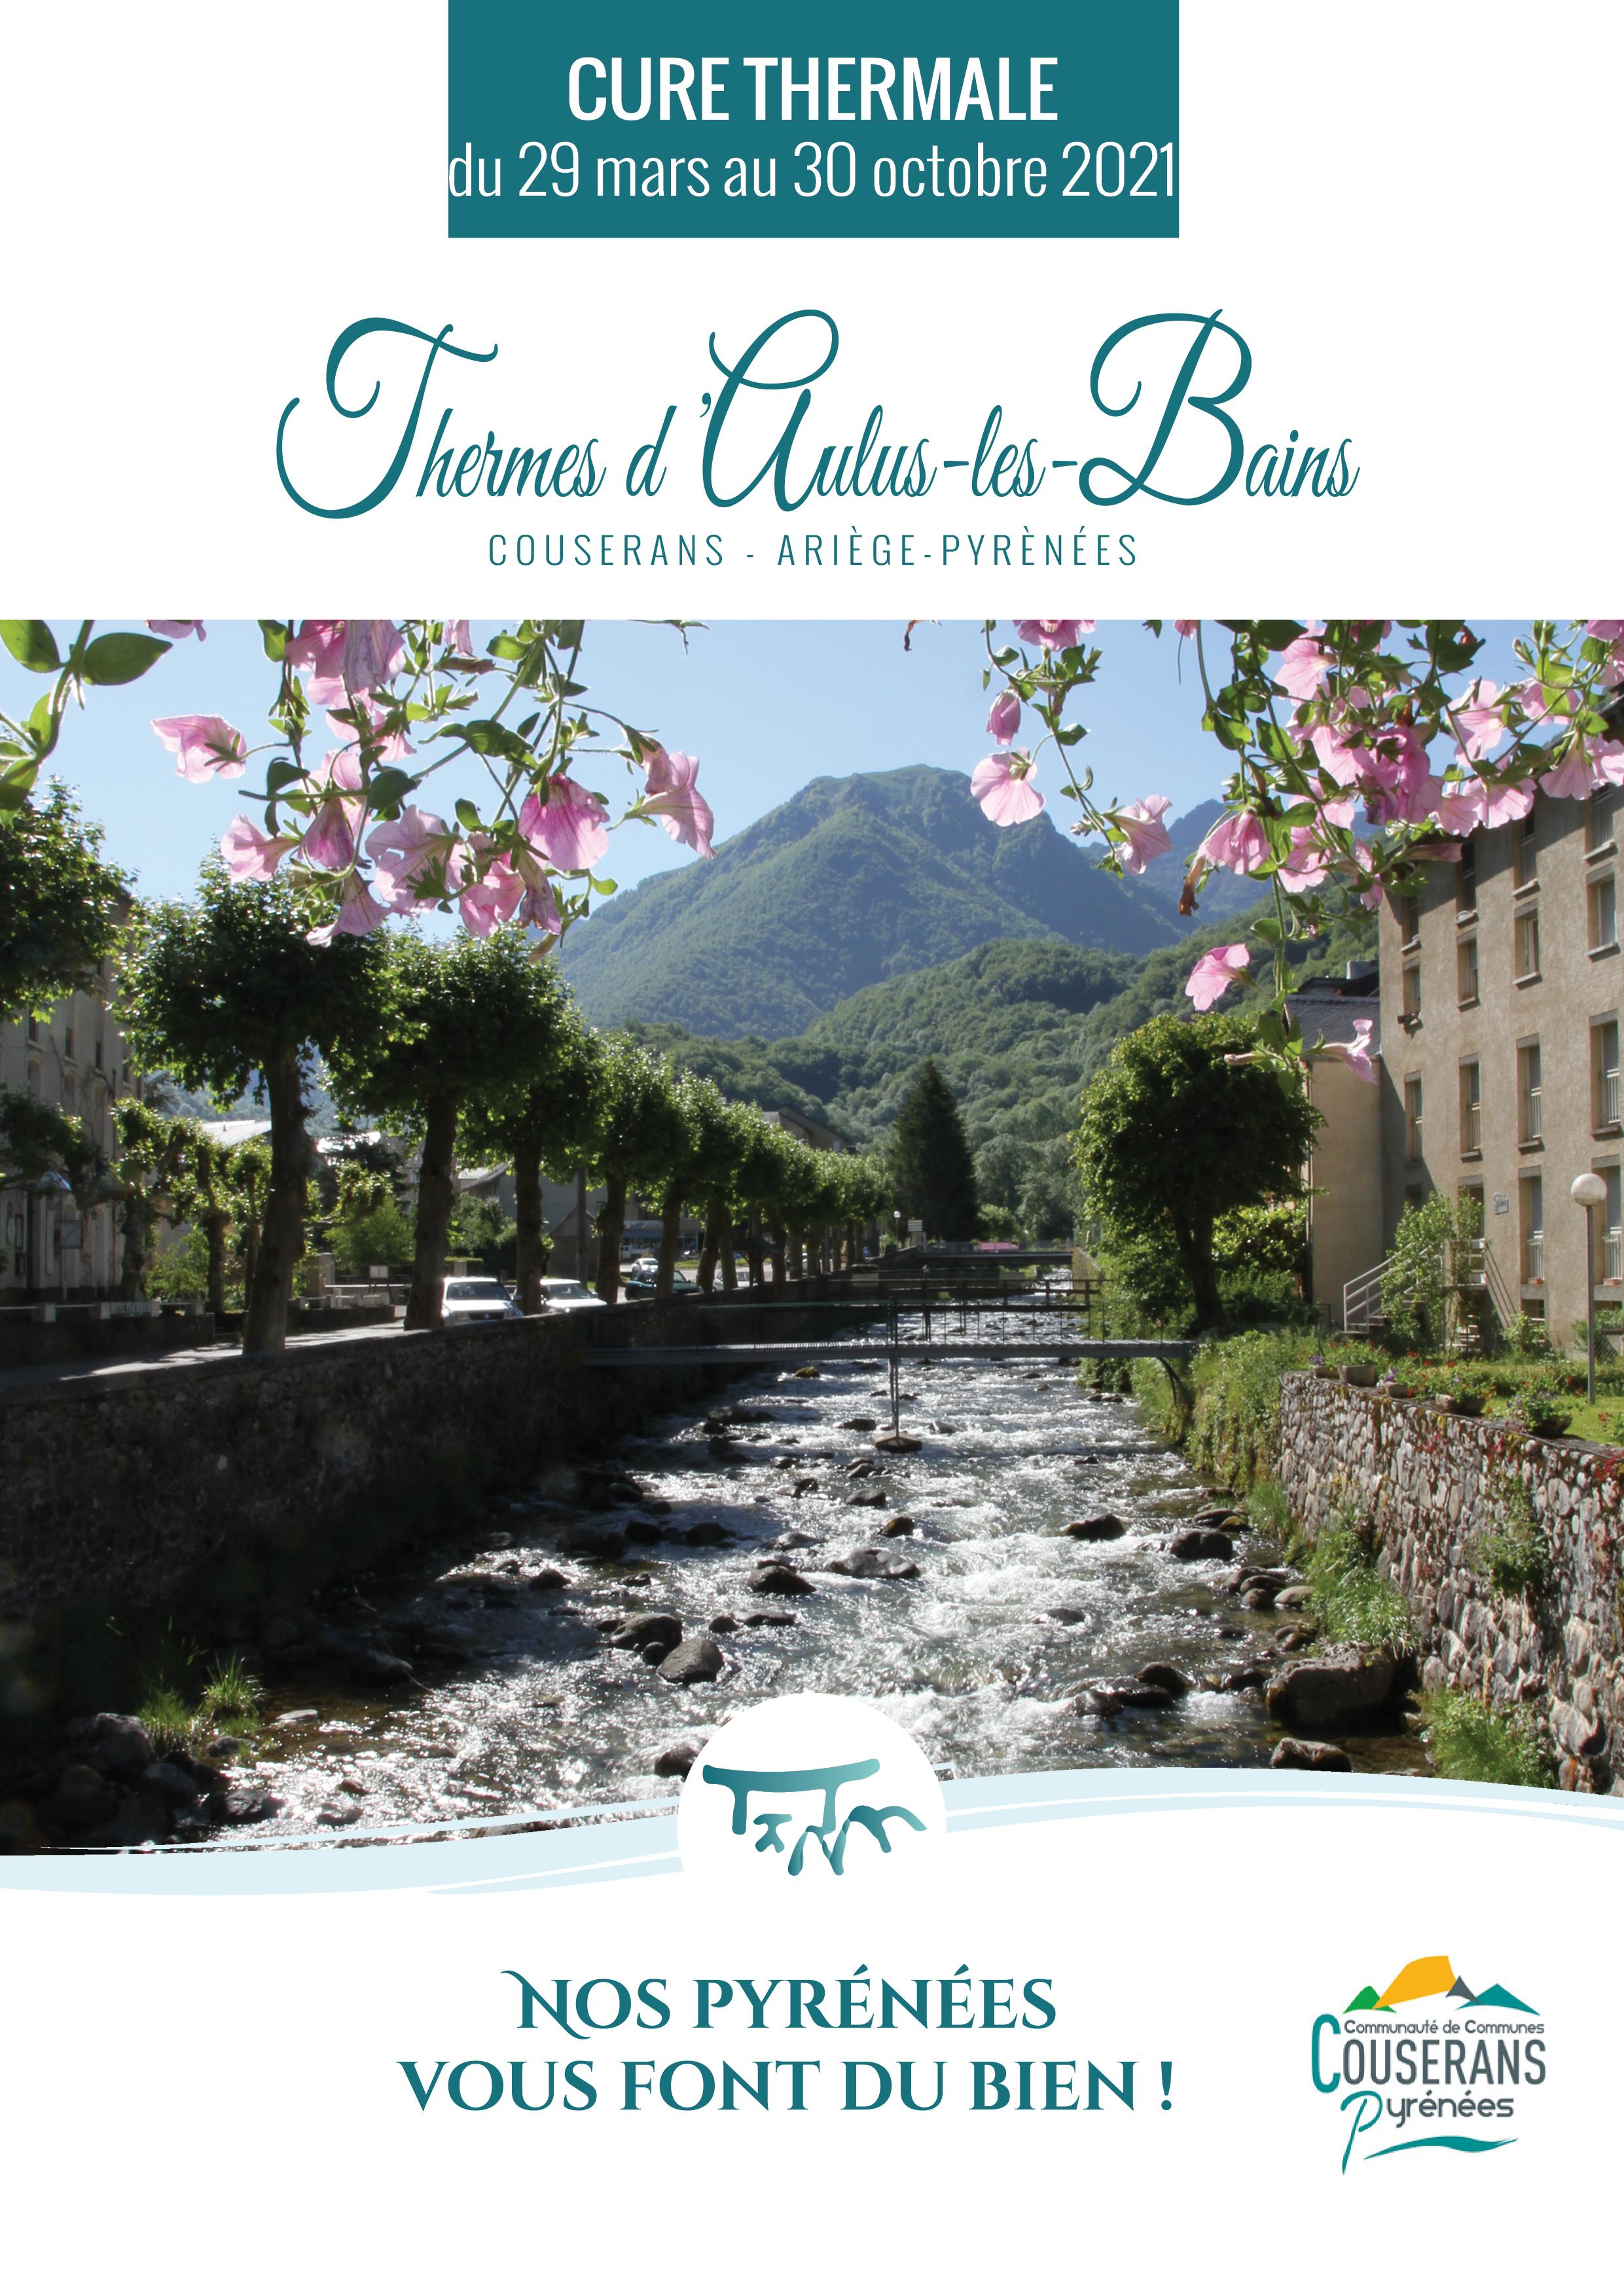 Brochure 2021 Cure Thermale aux Thermes d Aulus les Bains